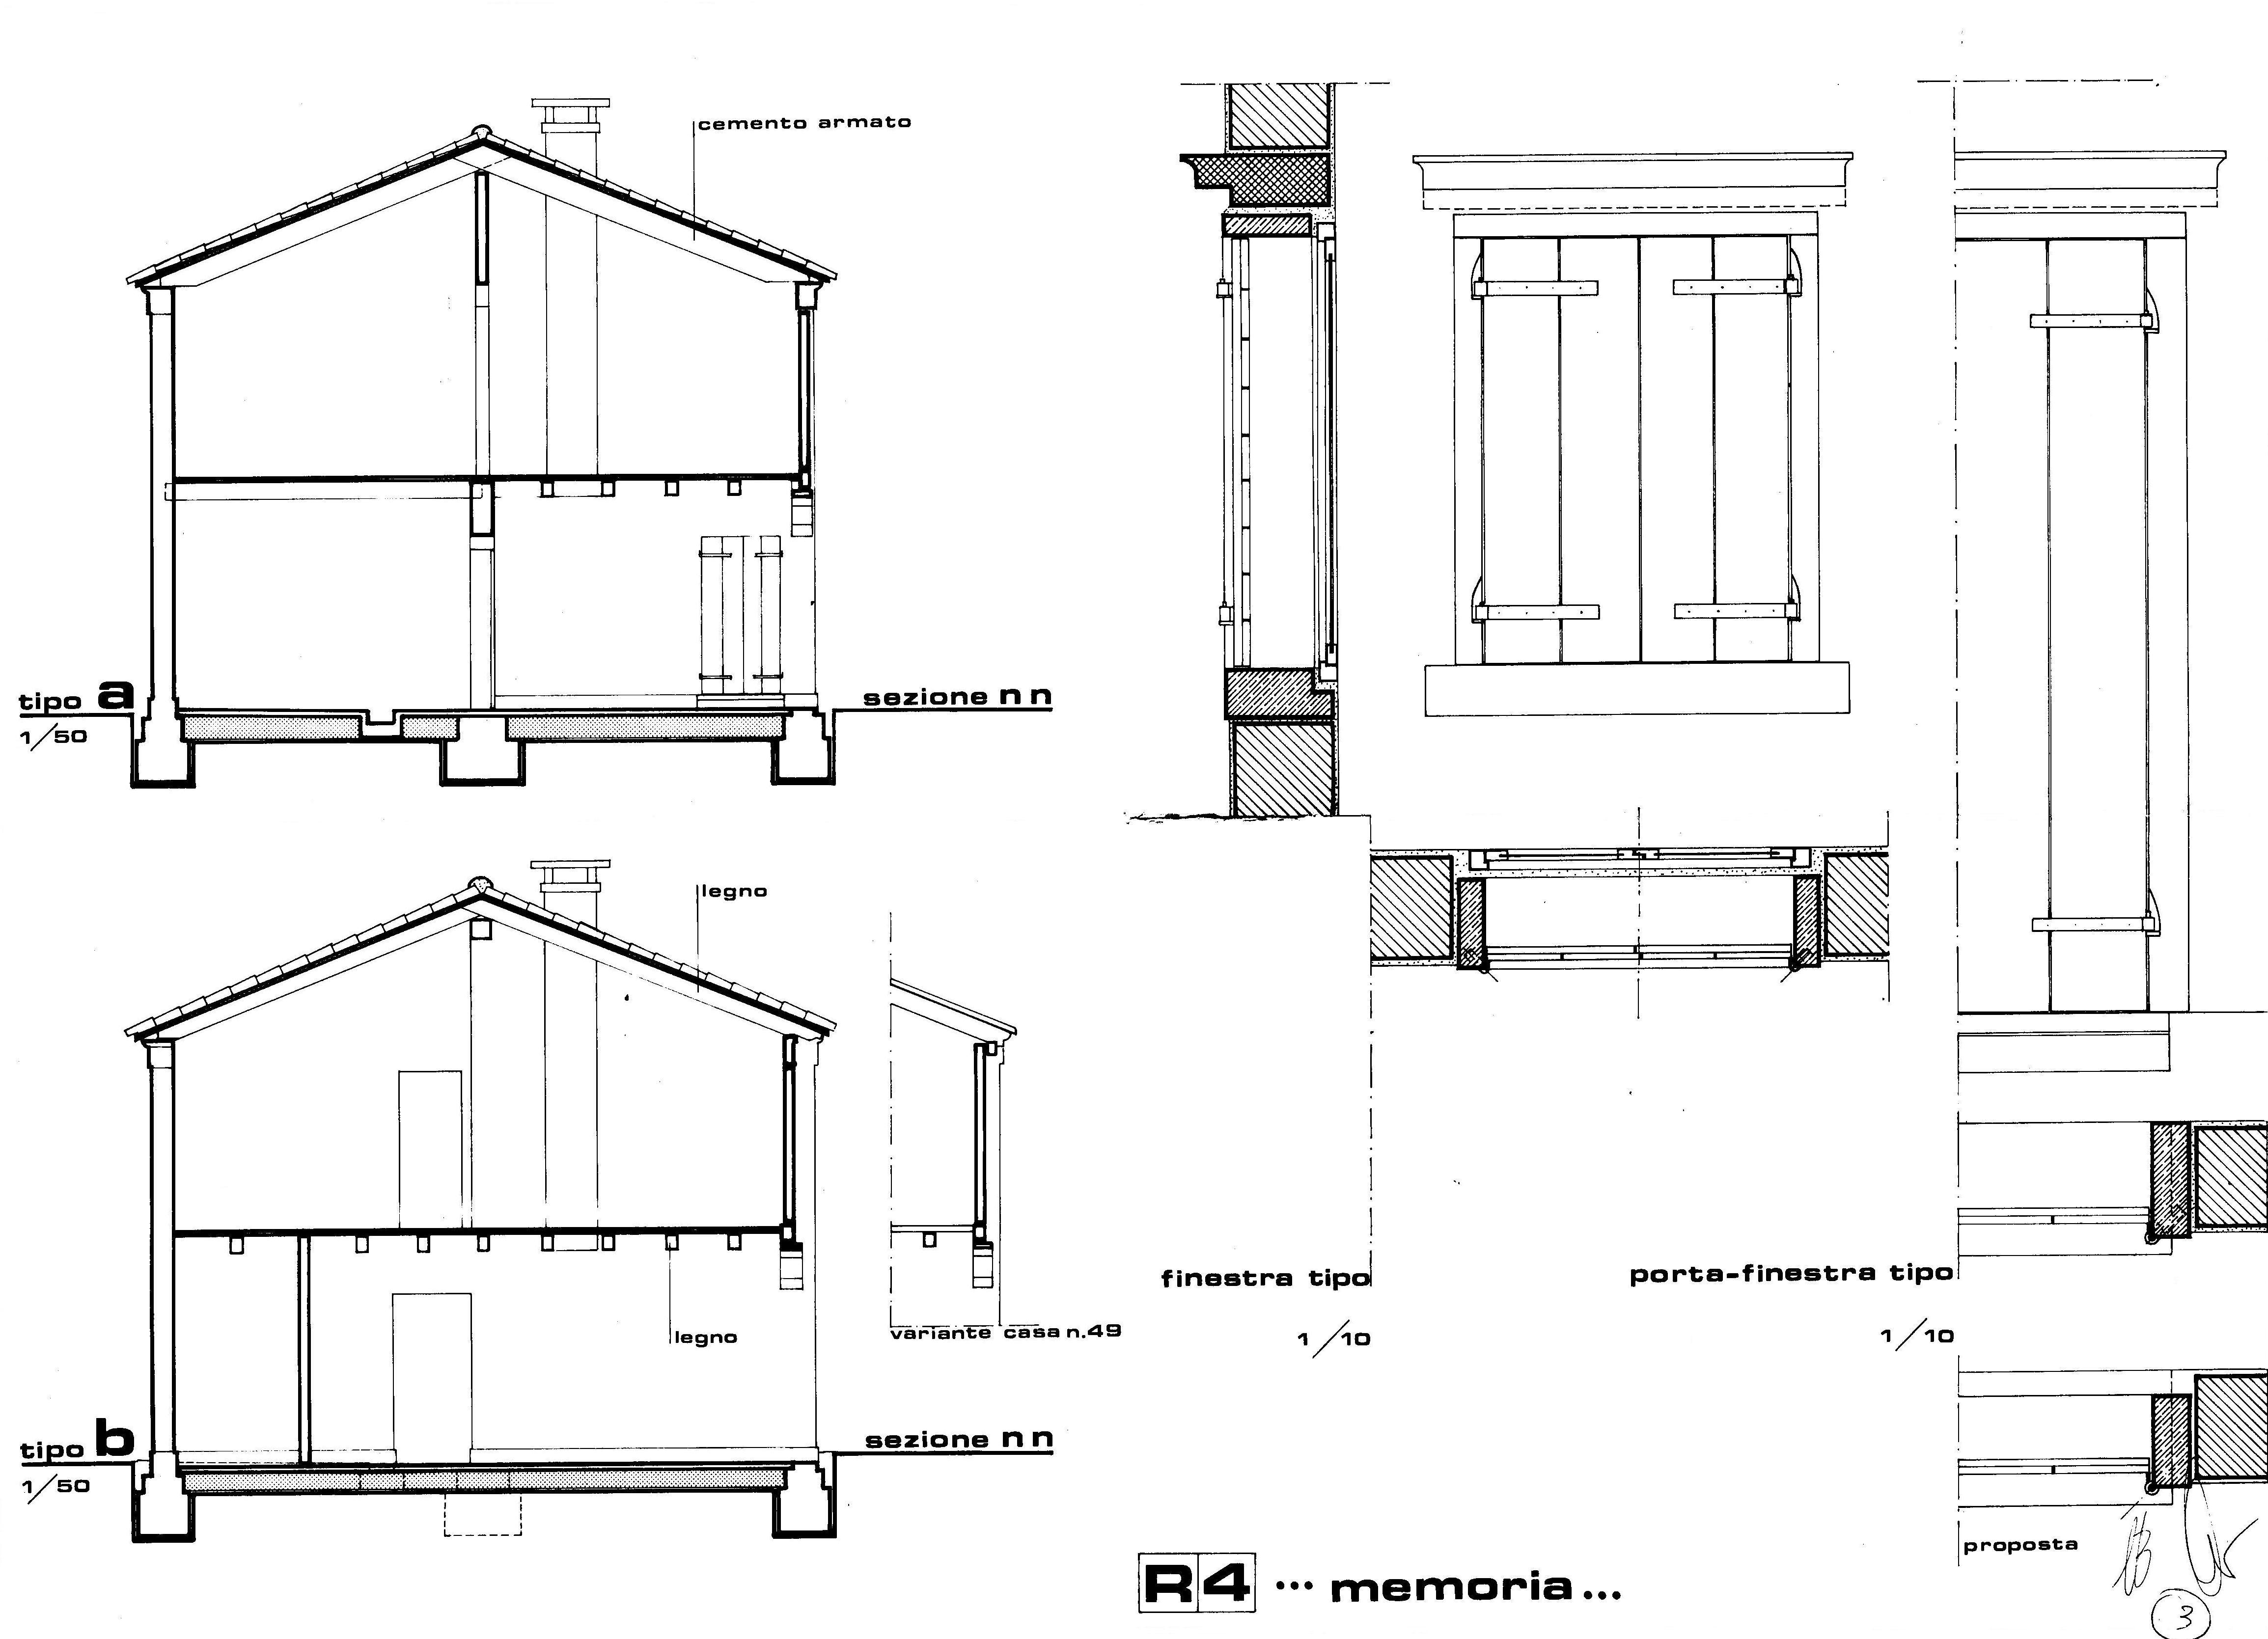 Bando di concorso per gli interventi nelle case camerini - Particolare costruttivo finestra ...